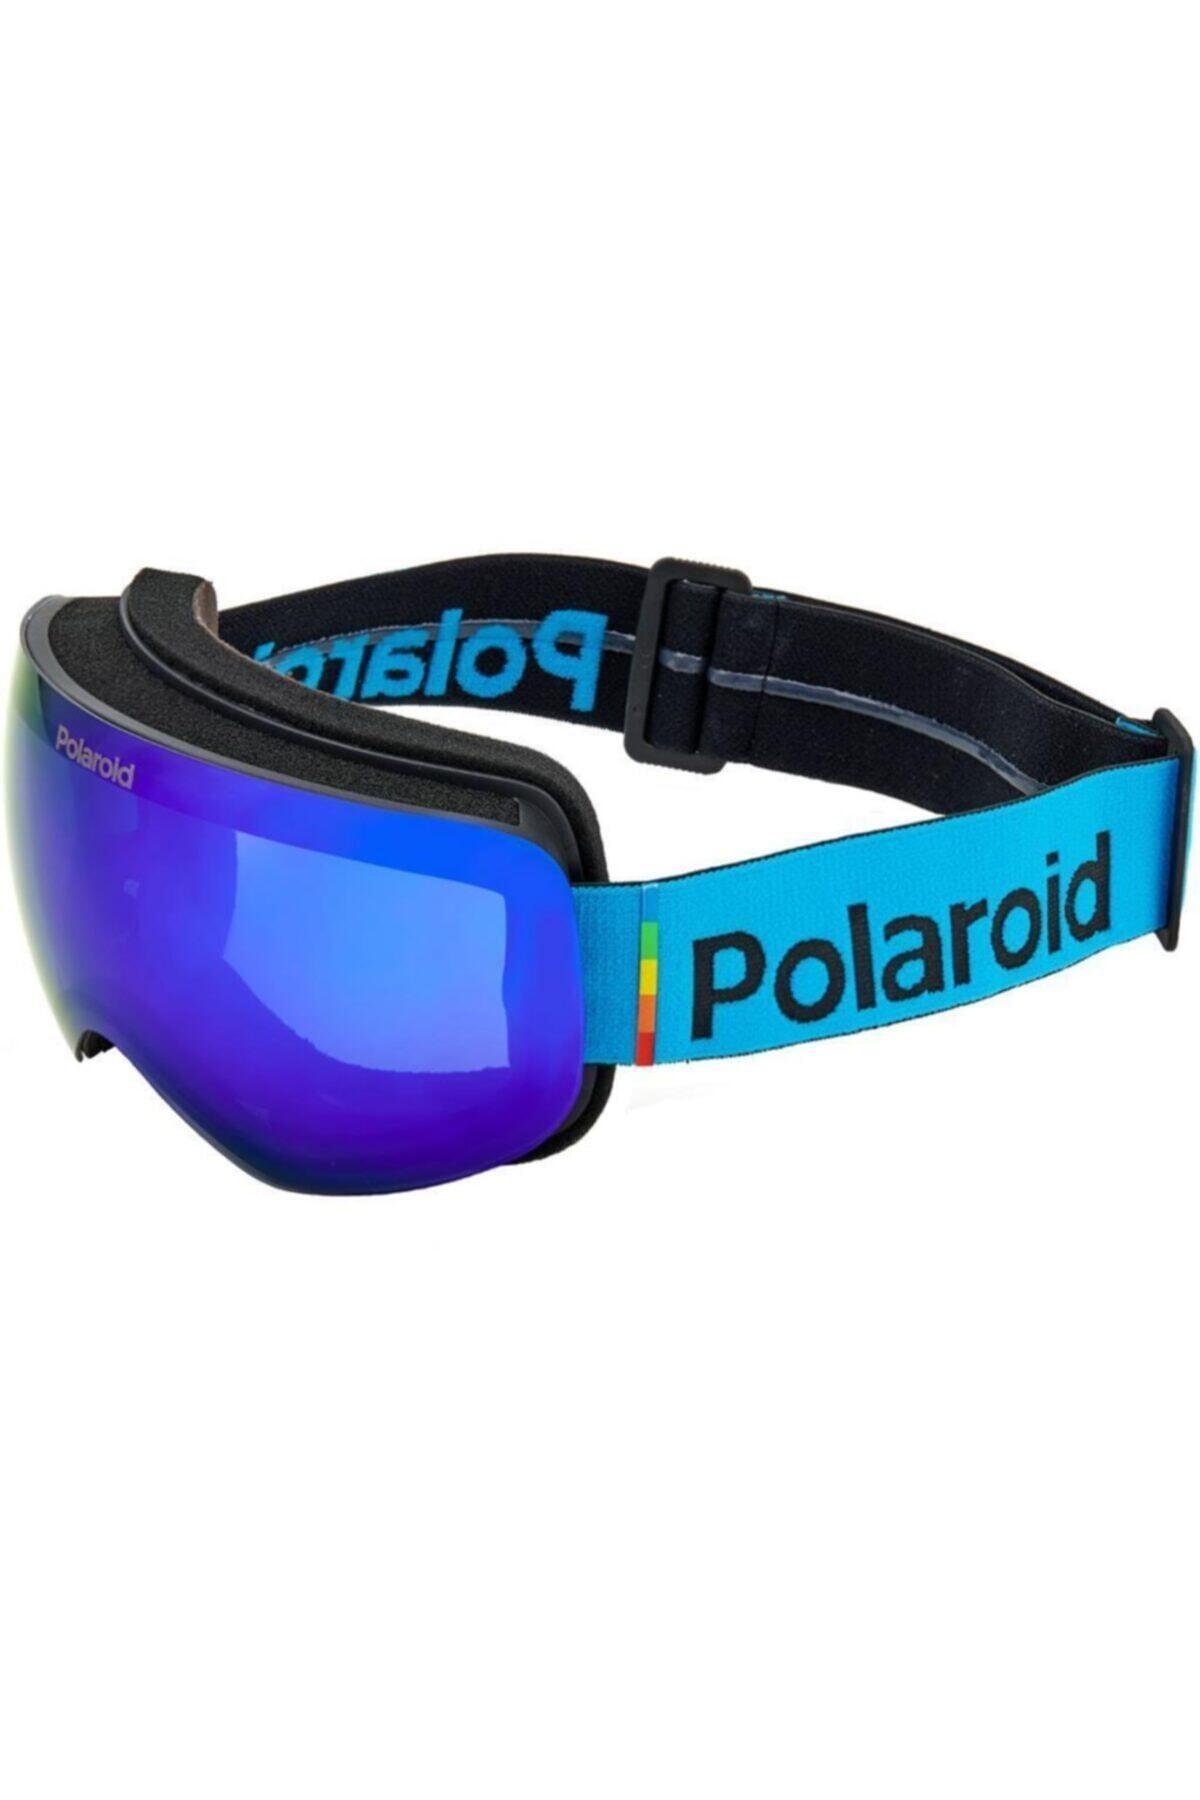 Polaroid Mask 01 9ks 5x Polarize Kayak Gözlüğü 1